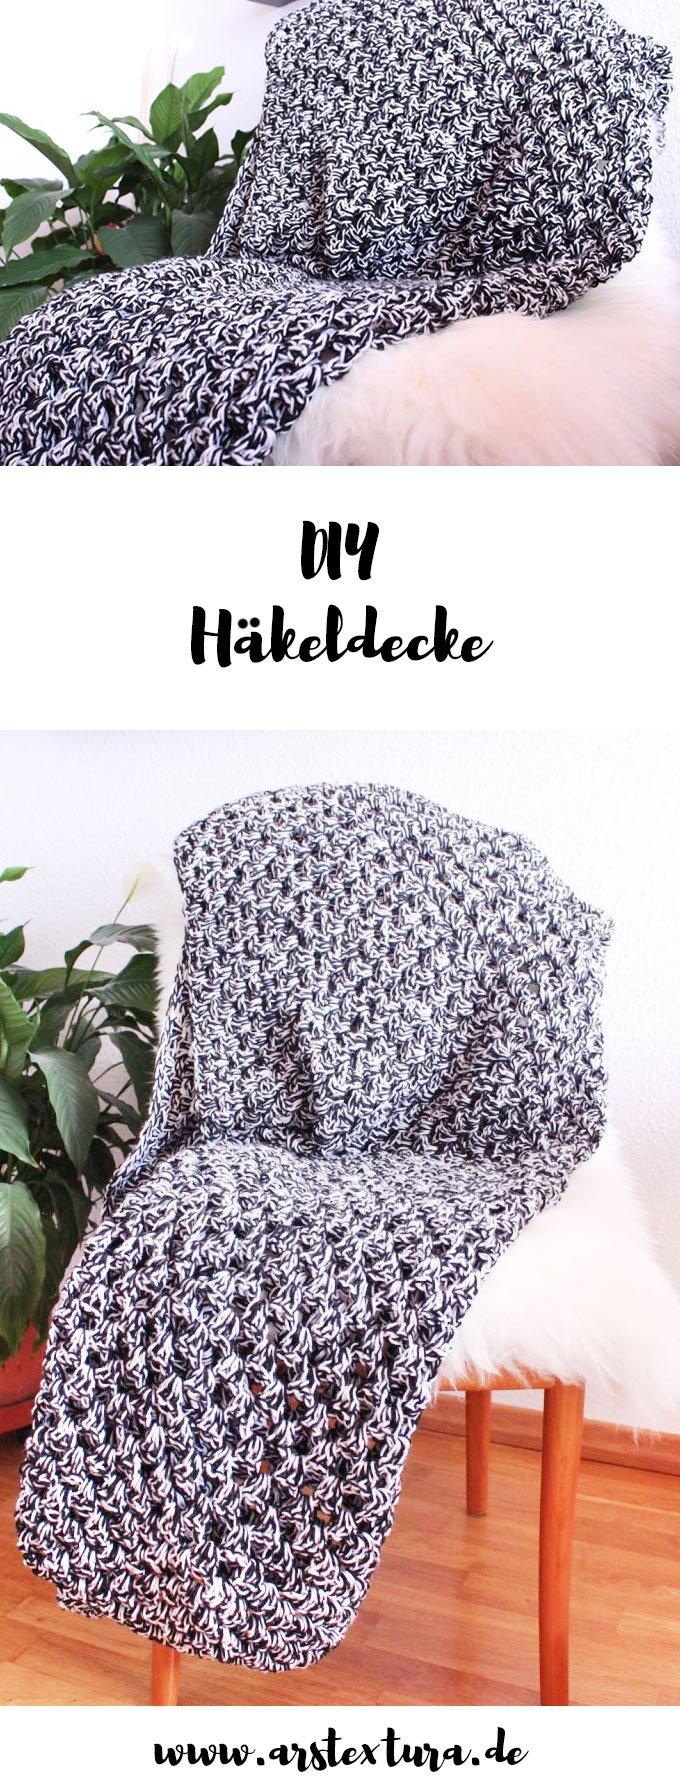 Häkeldecke - DIY Decke selber häkeln